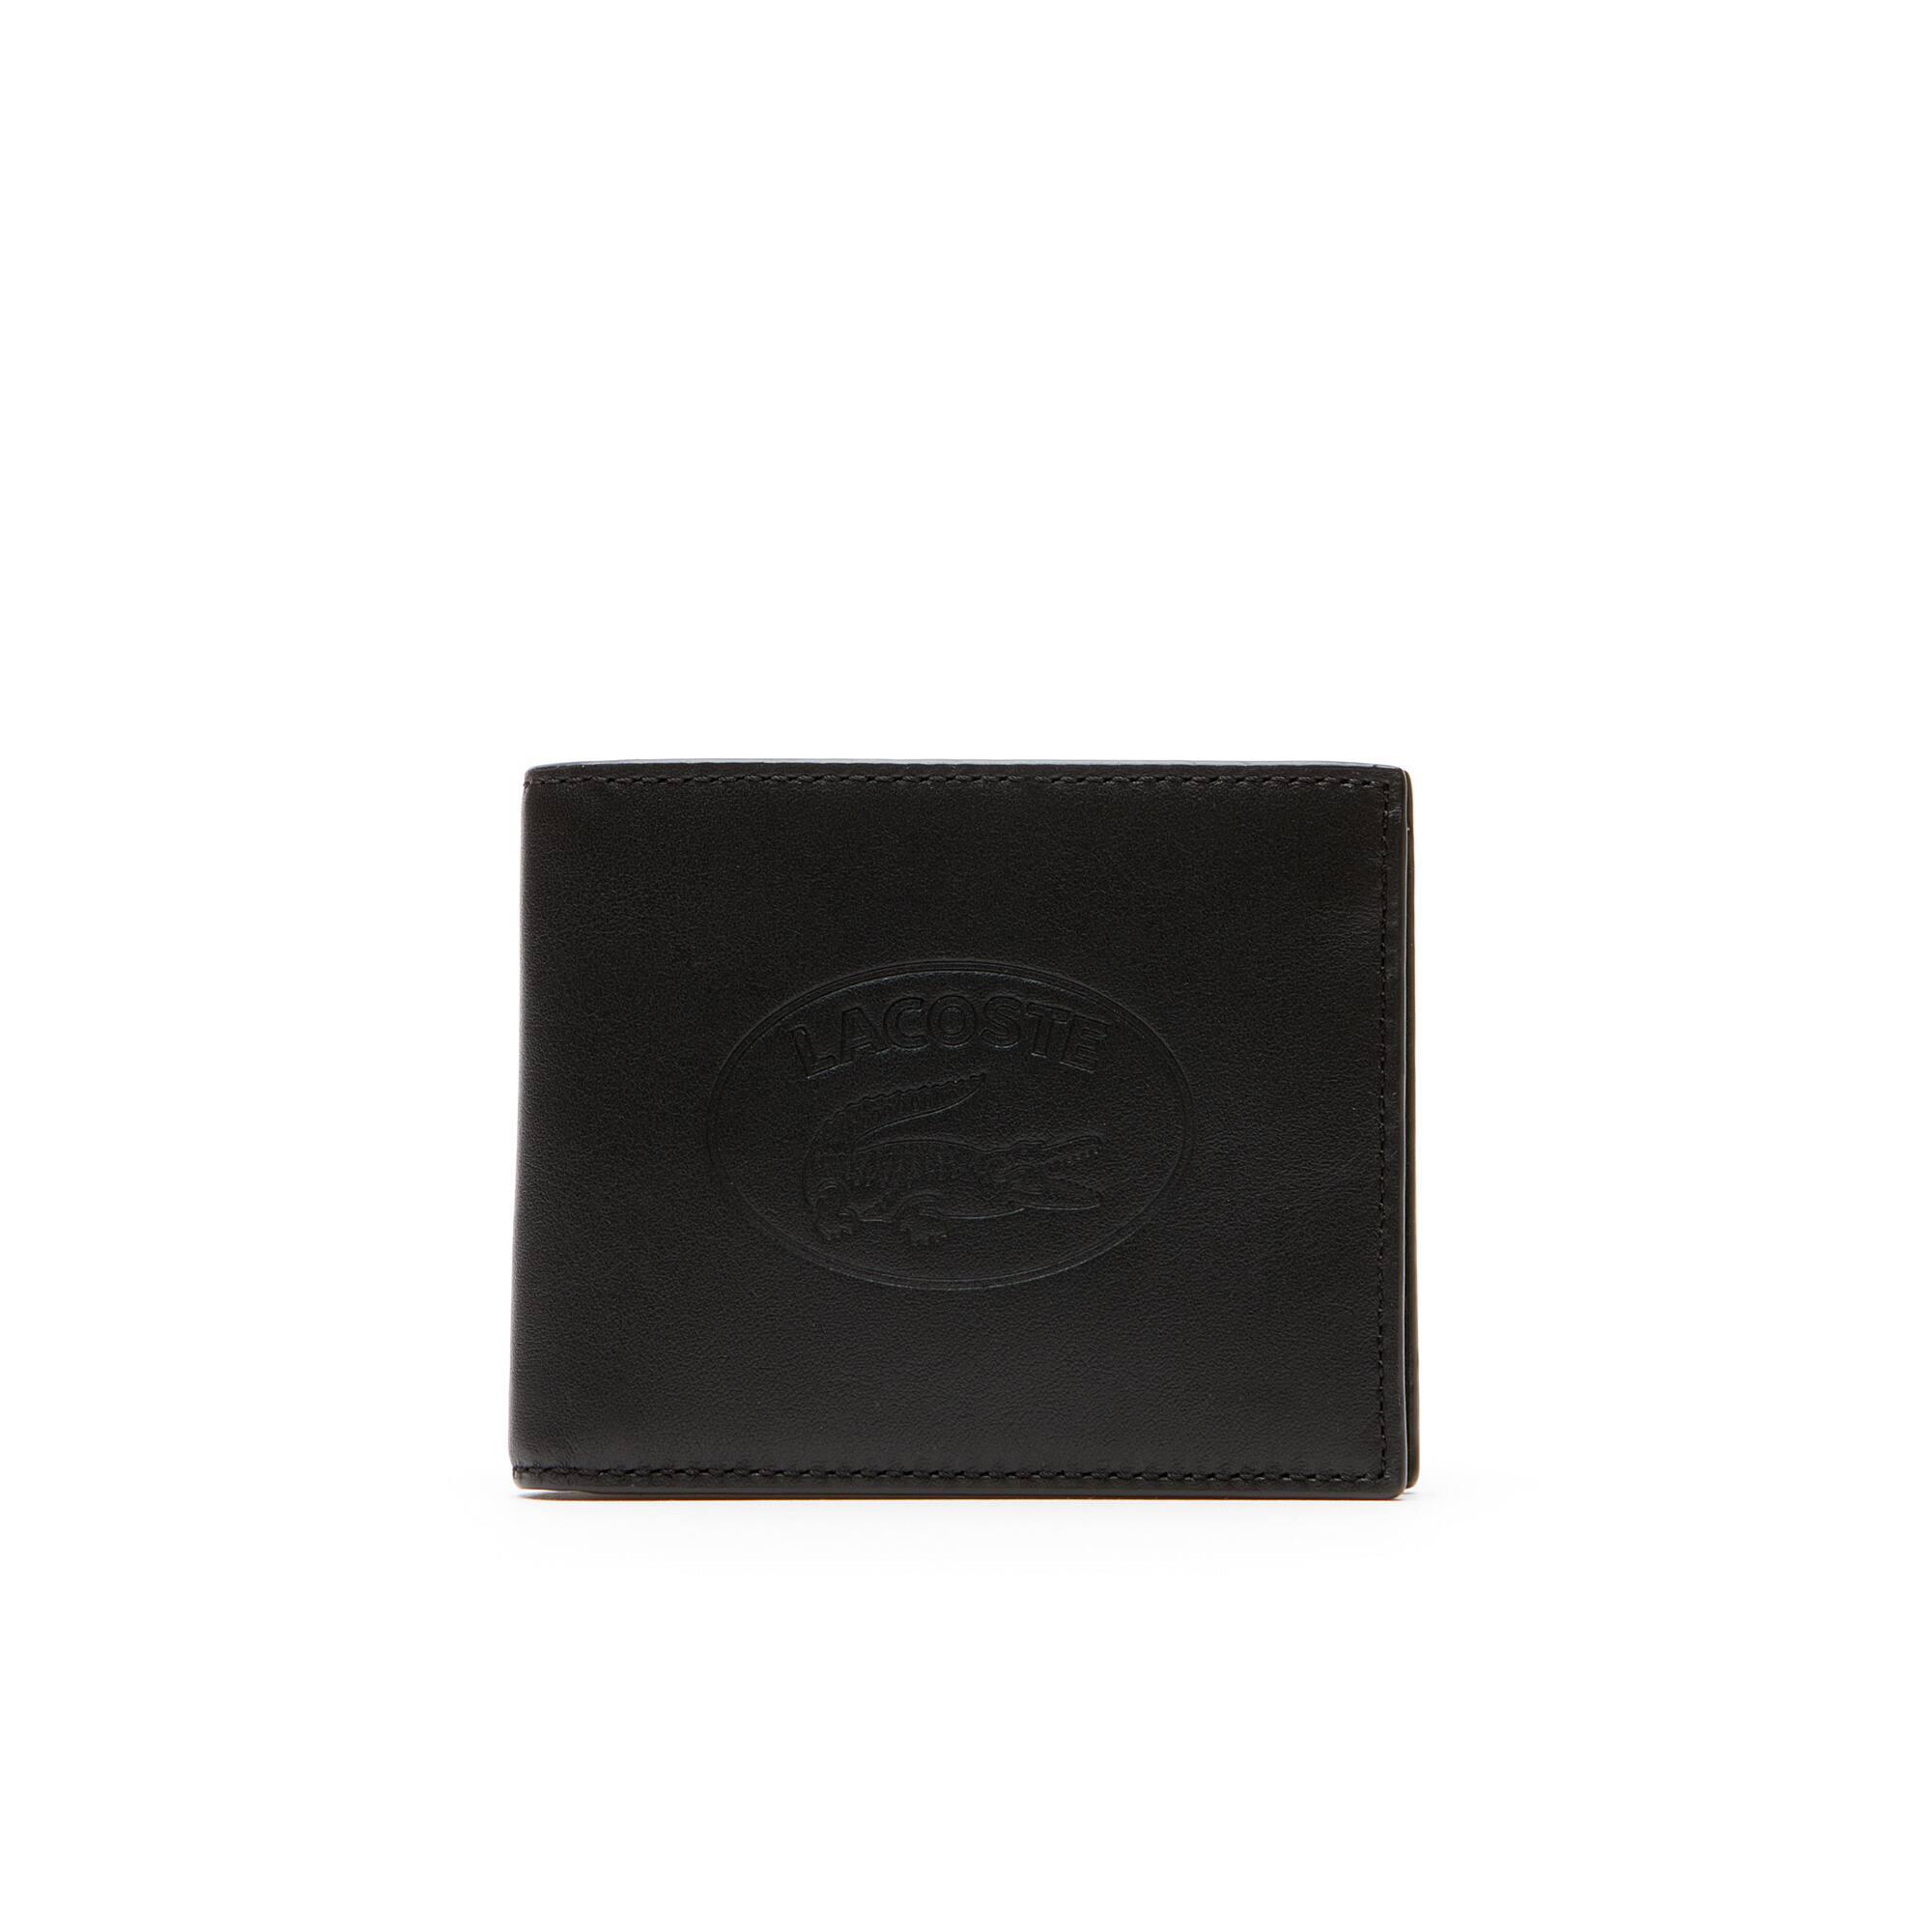 Portefeuille L.12.12 cuir Casual avec marquage embossé 6 cartes